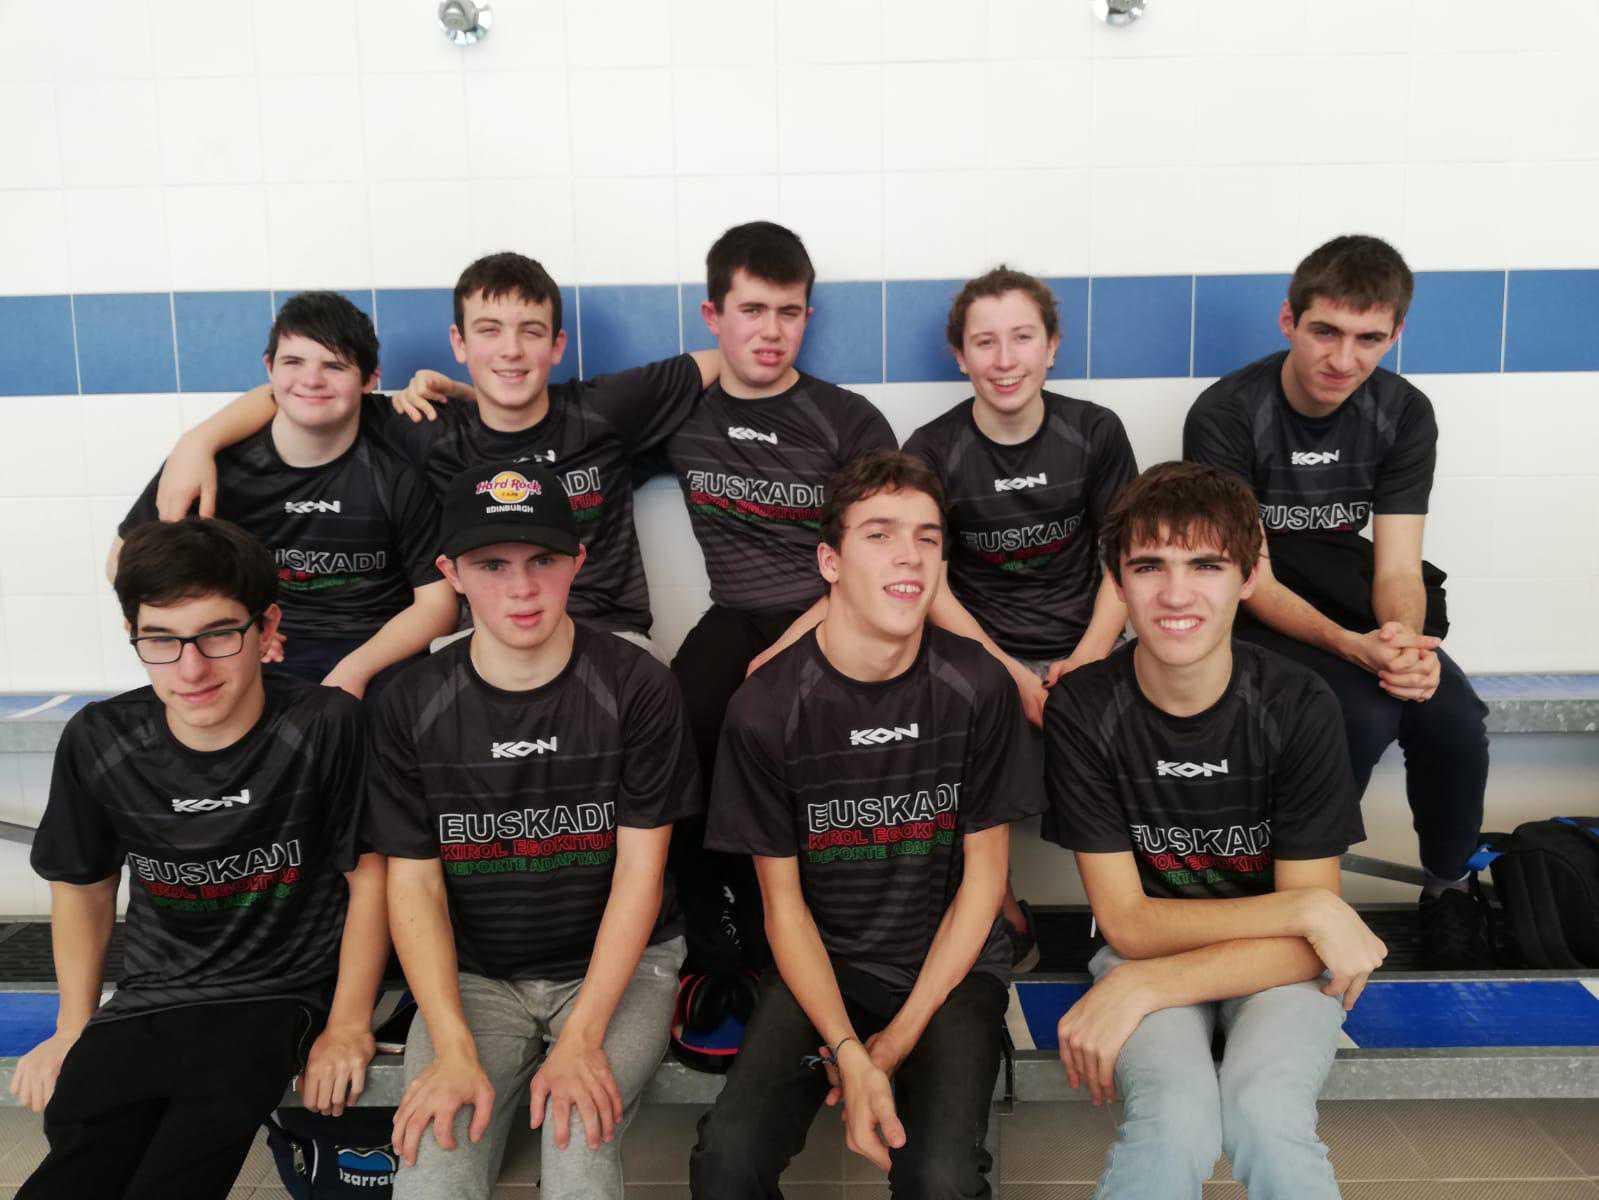 Sa lelección de natación de Euskadi acude al campeonato de España Joven (AXA) - Konporta